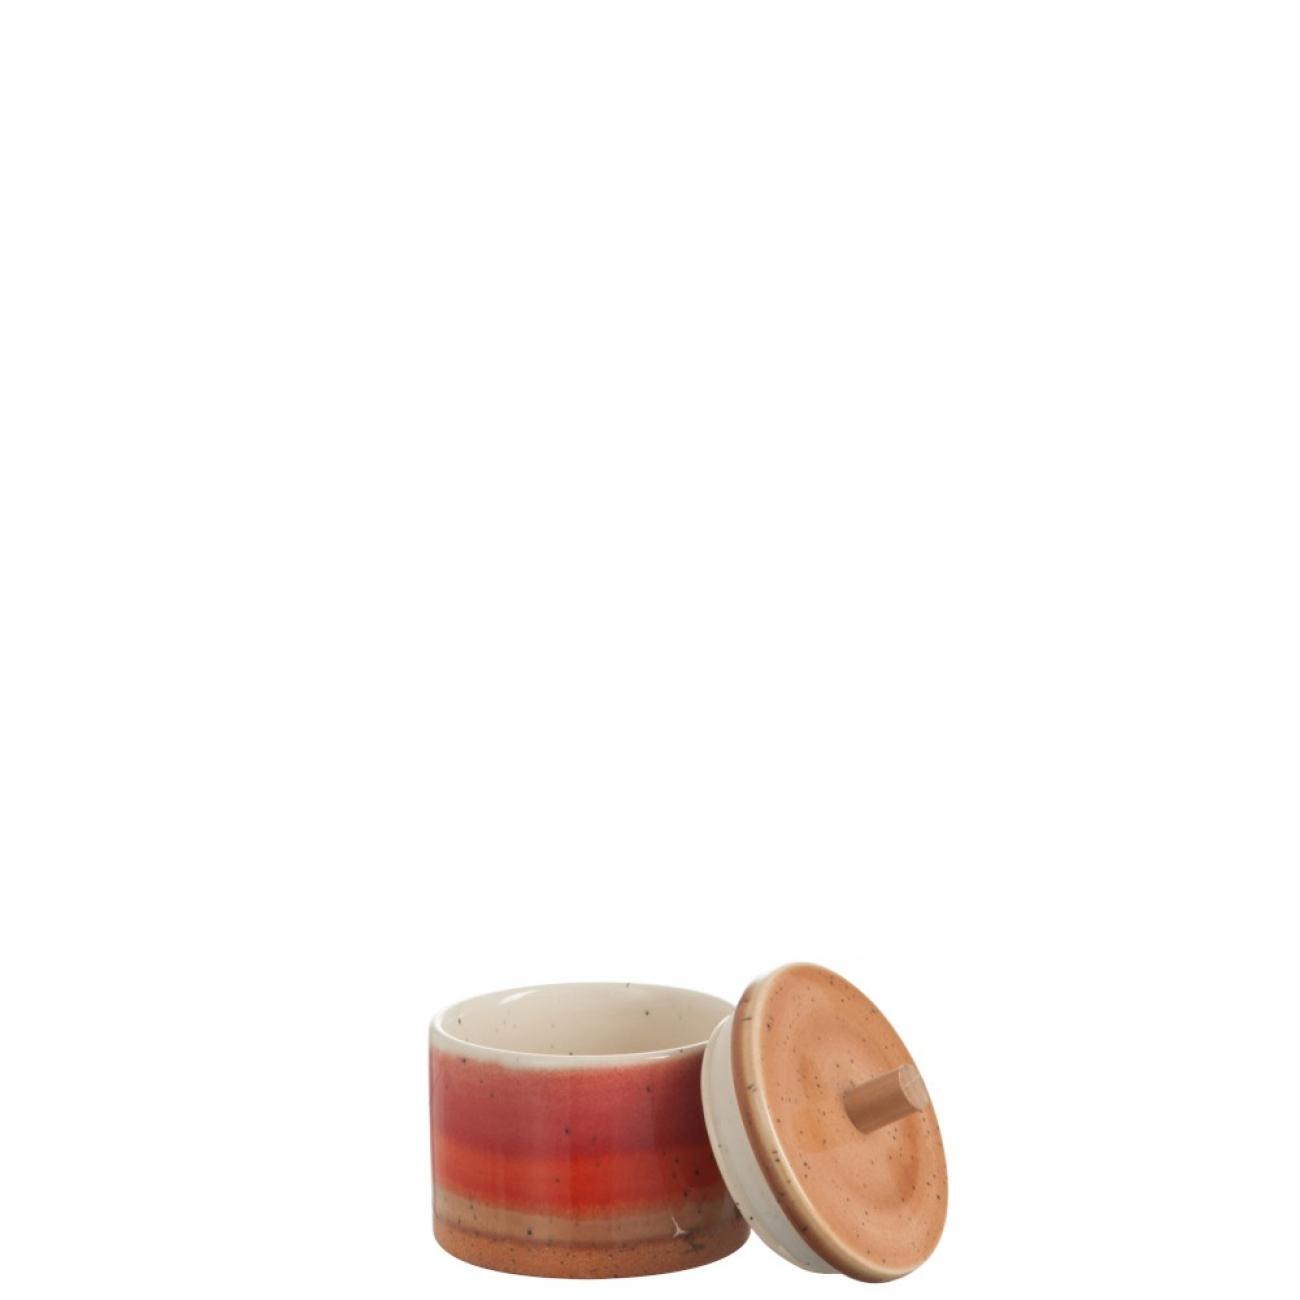 Баночка емкость для хранения J-LINE керамическая красного цвета